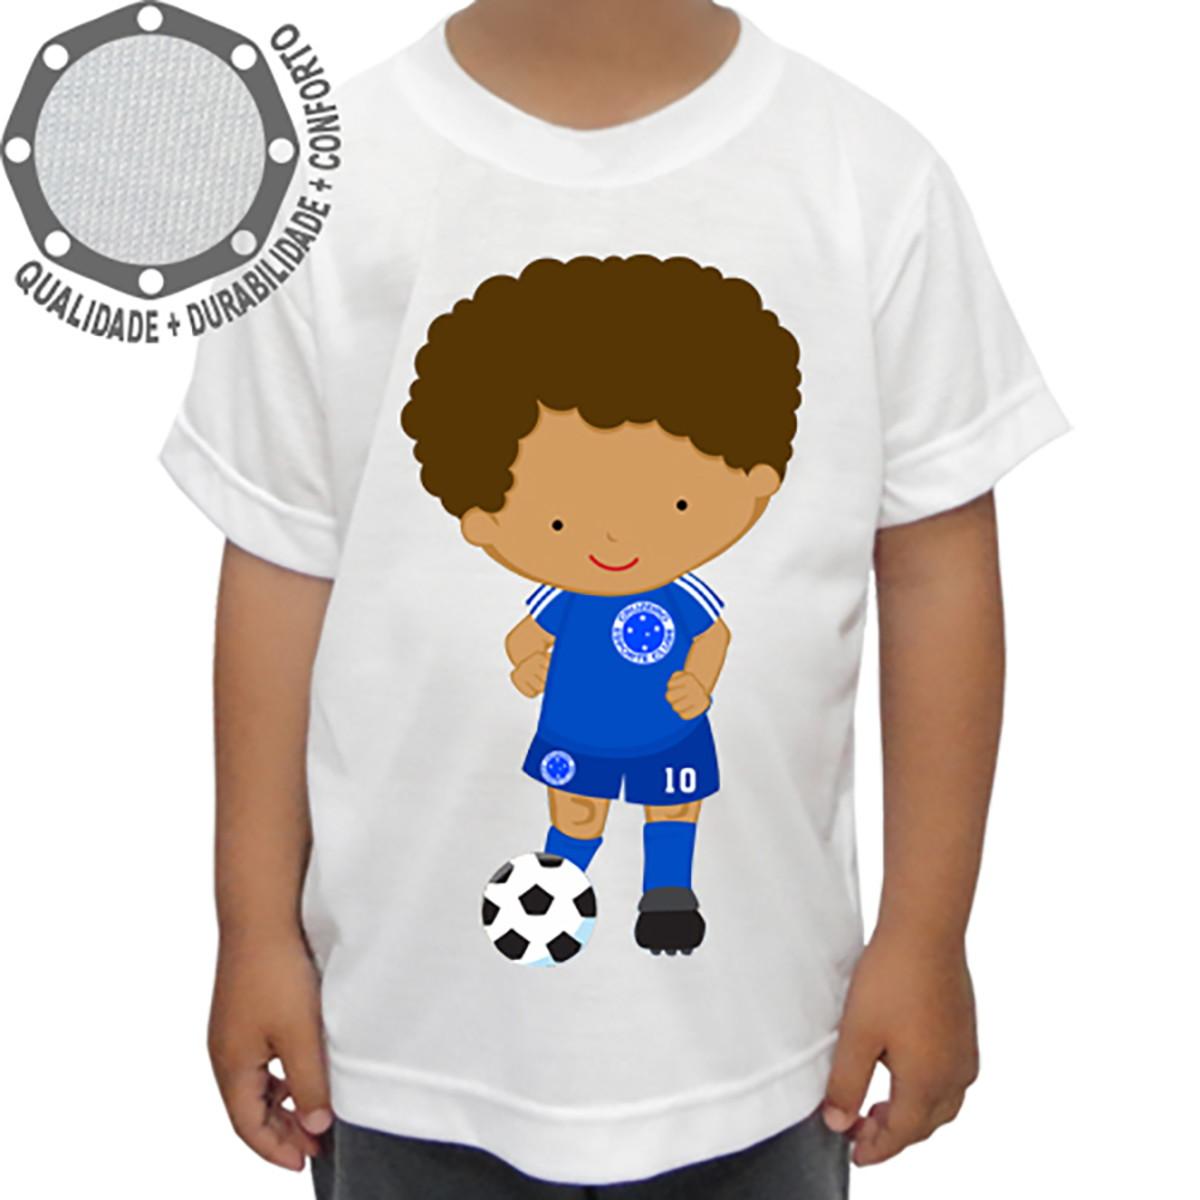 7b4c5217402d0 Camiseta Cruzeiro Menino Bola no Elo7